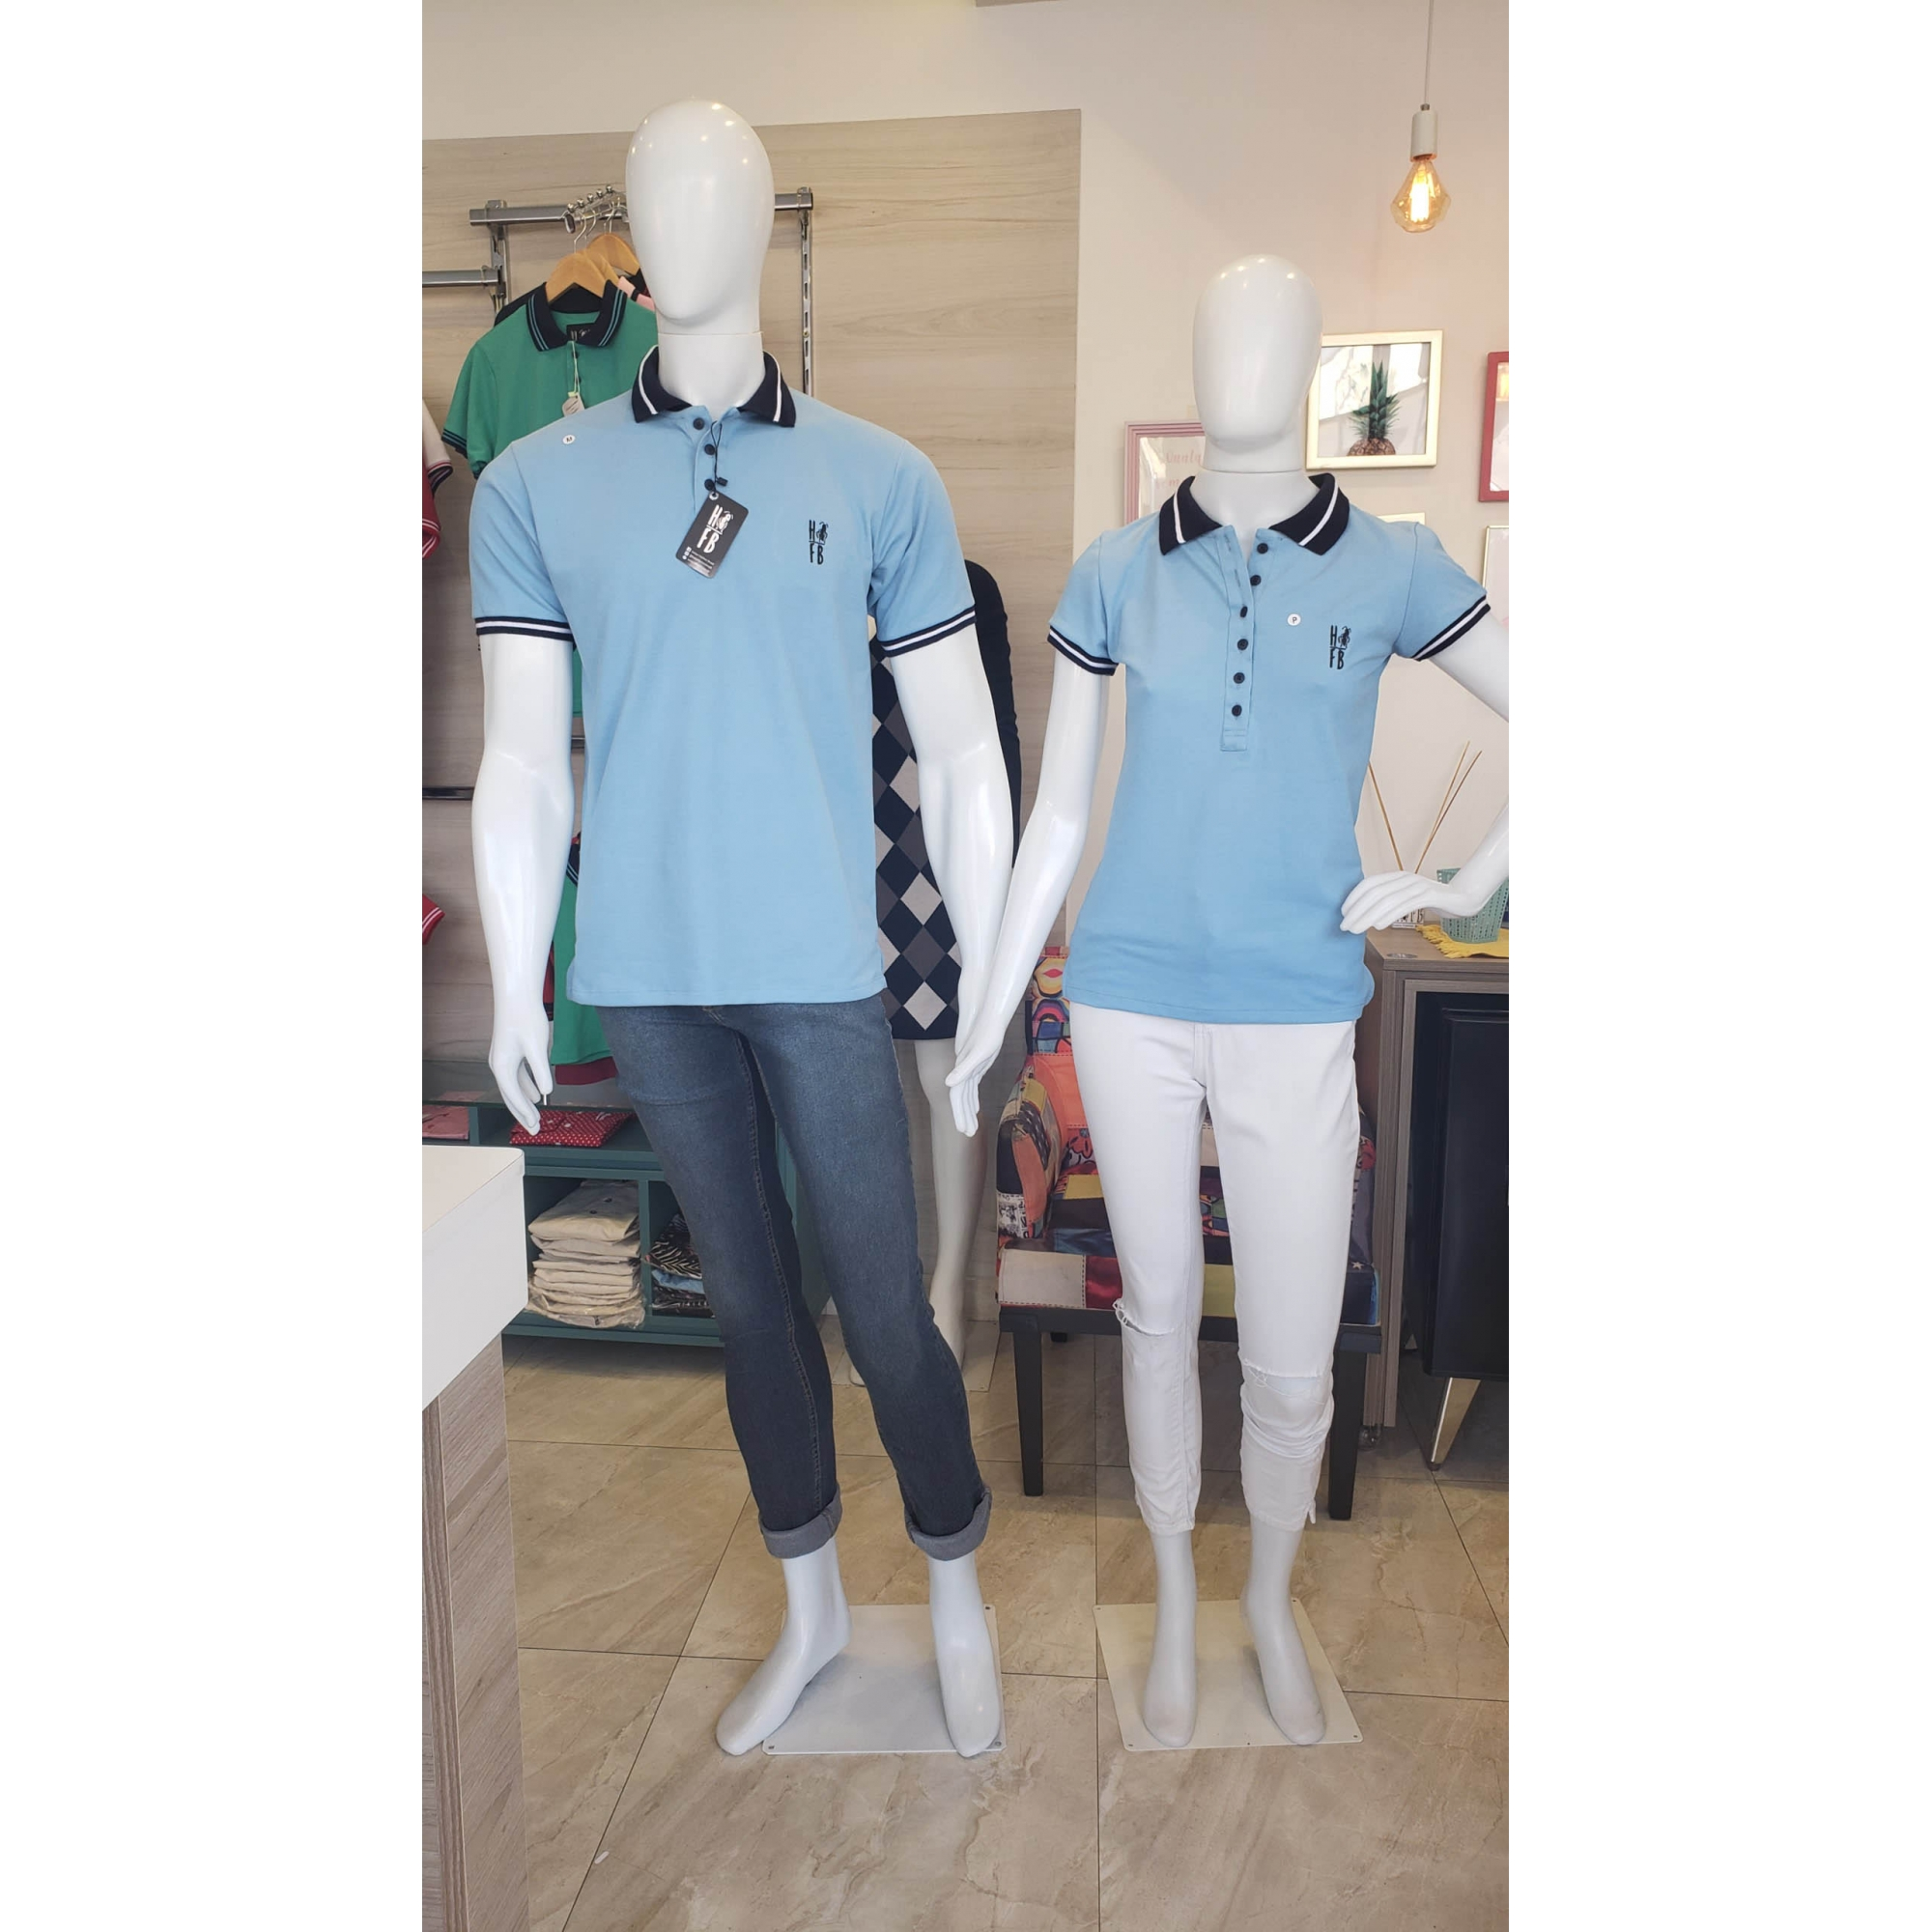 NAMORADOS > Kit 02 Peças Camisas Polo Masculina + Feminina Azul Nobreza [Coleção Namorados]